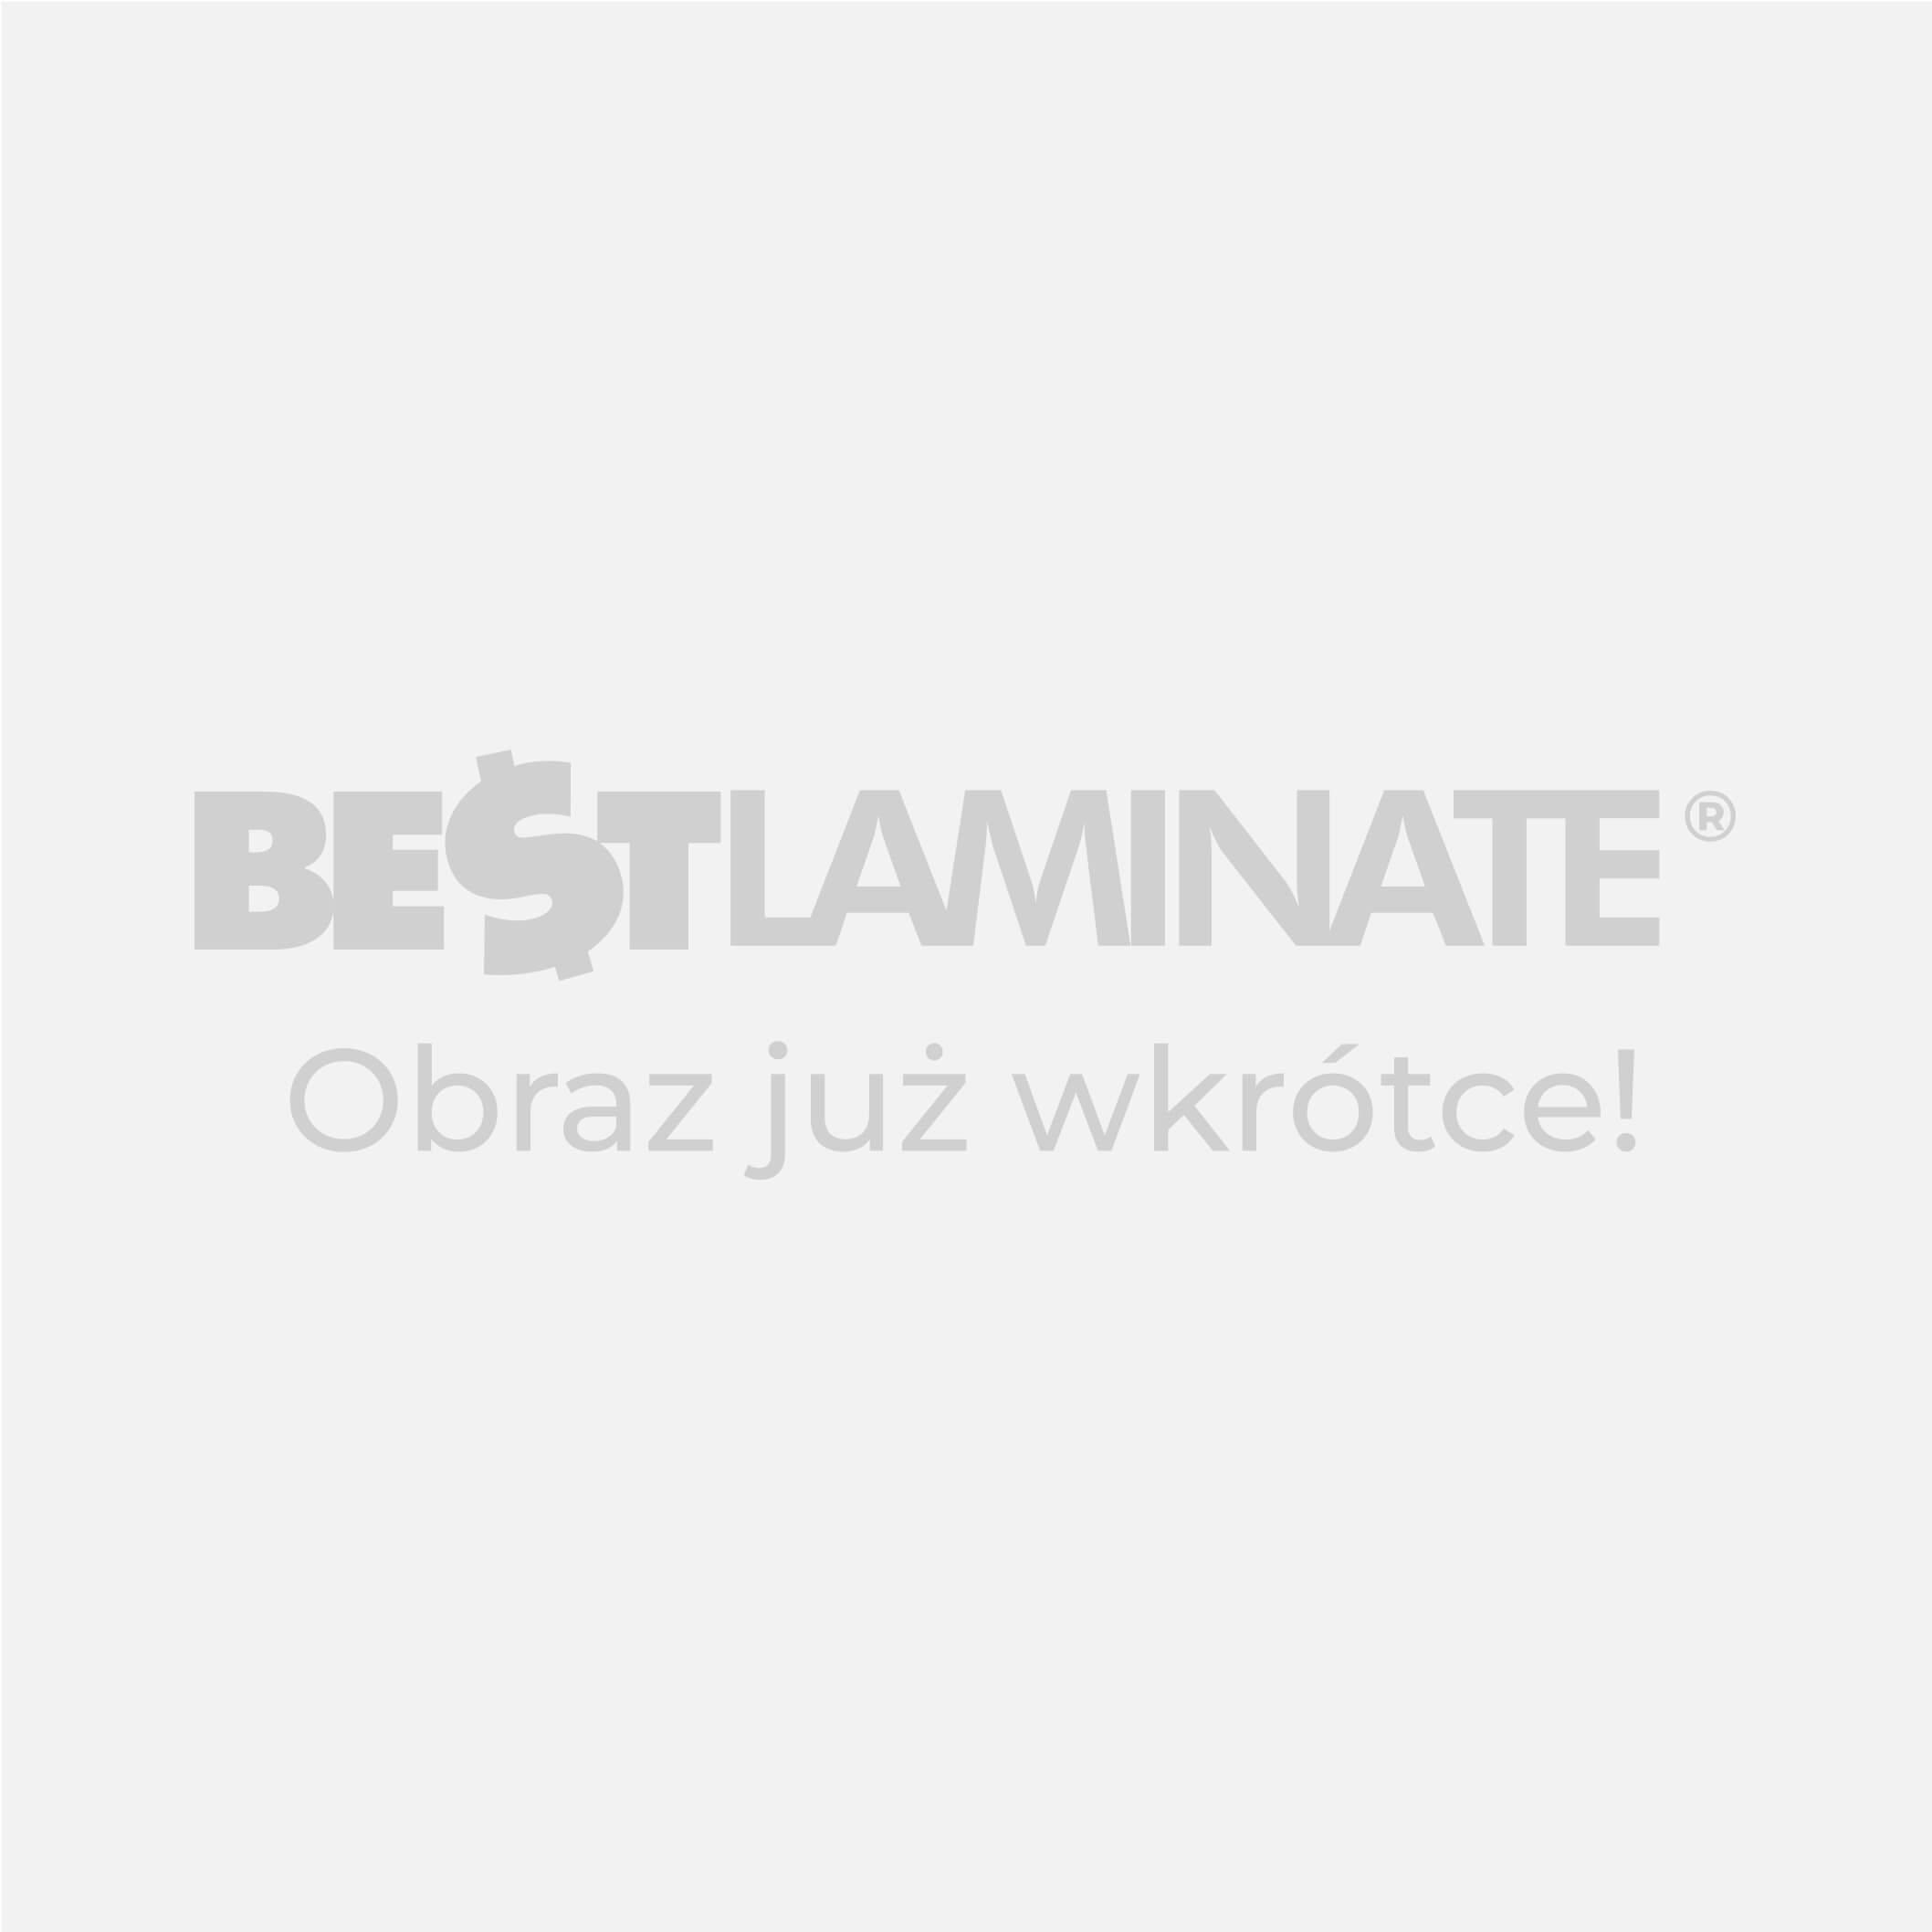 Ćwierćwałek listwa przypodłogowa przyścienna PCV - Bestlaminate Livanti - Dąb Szary Premium